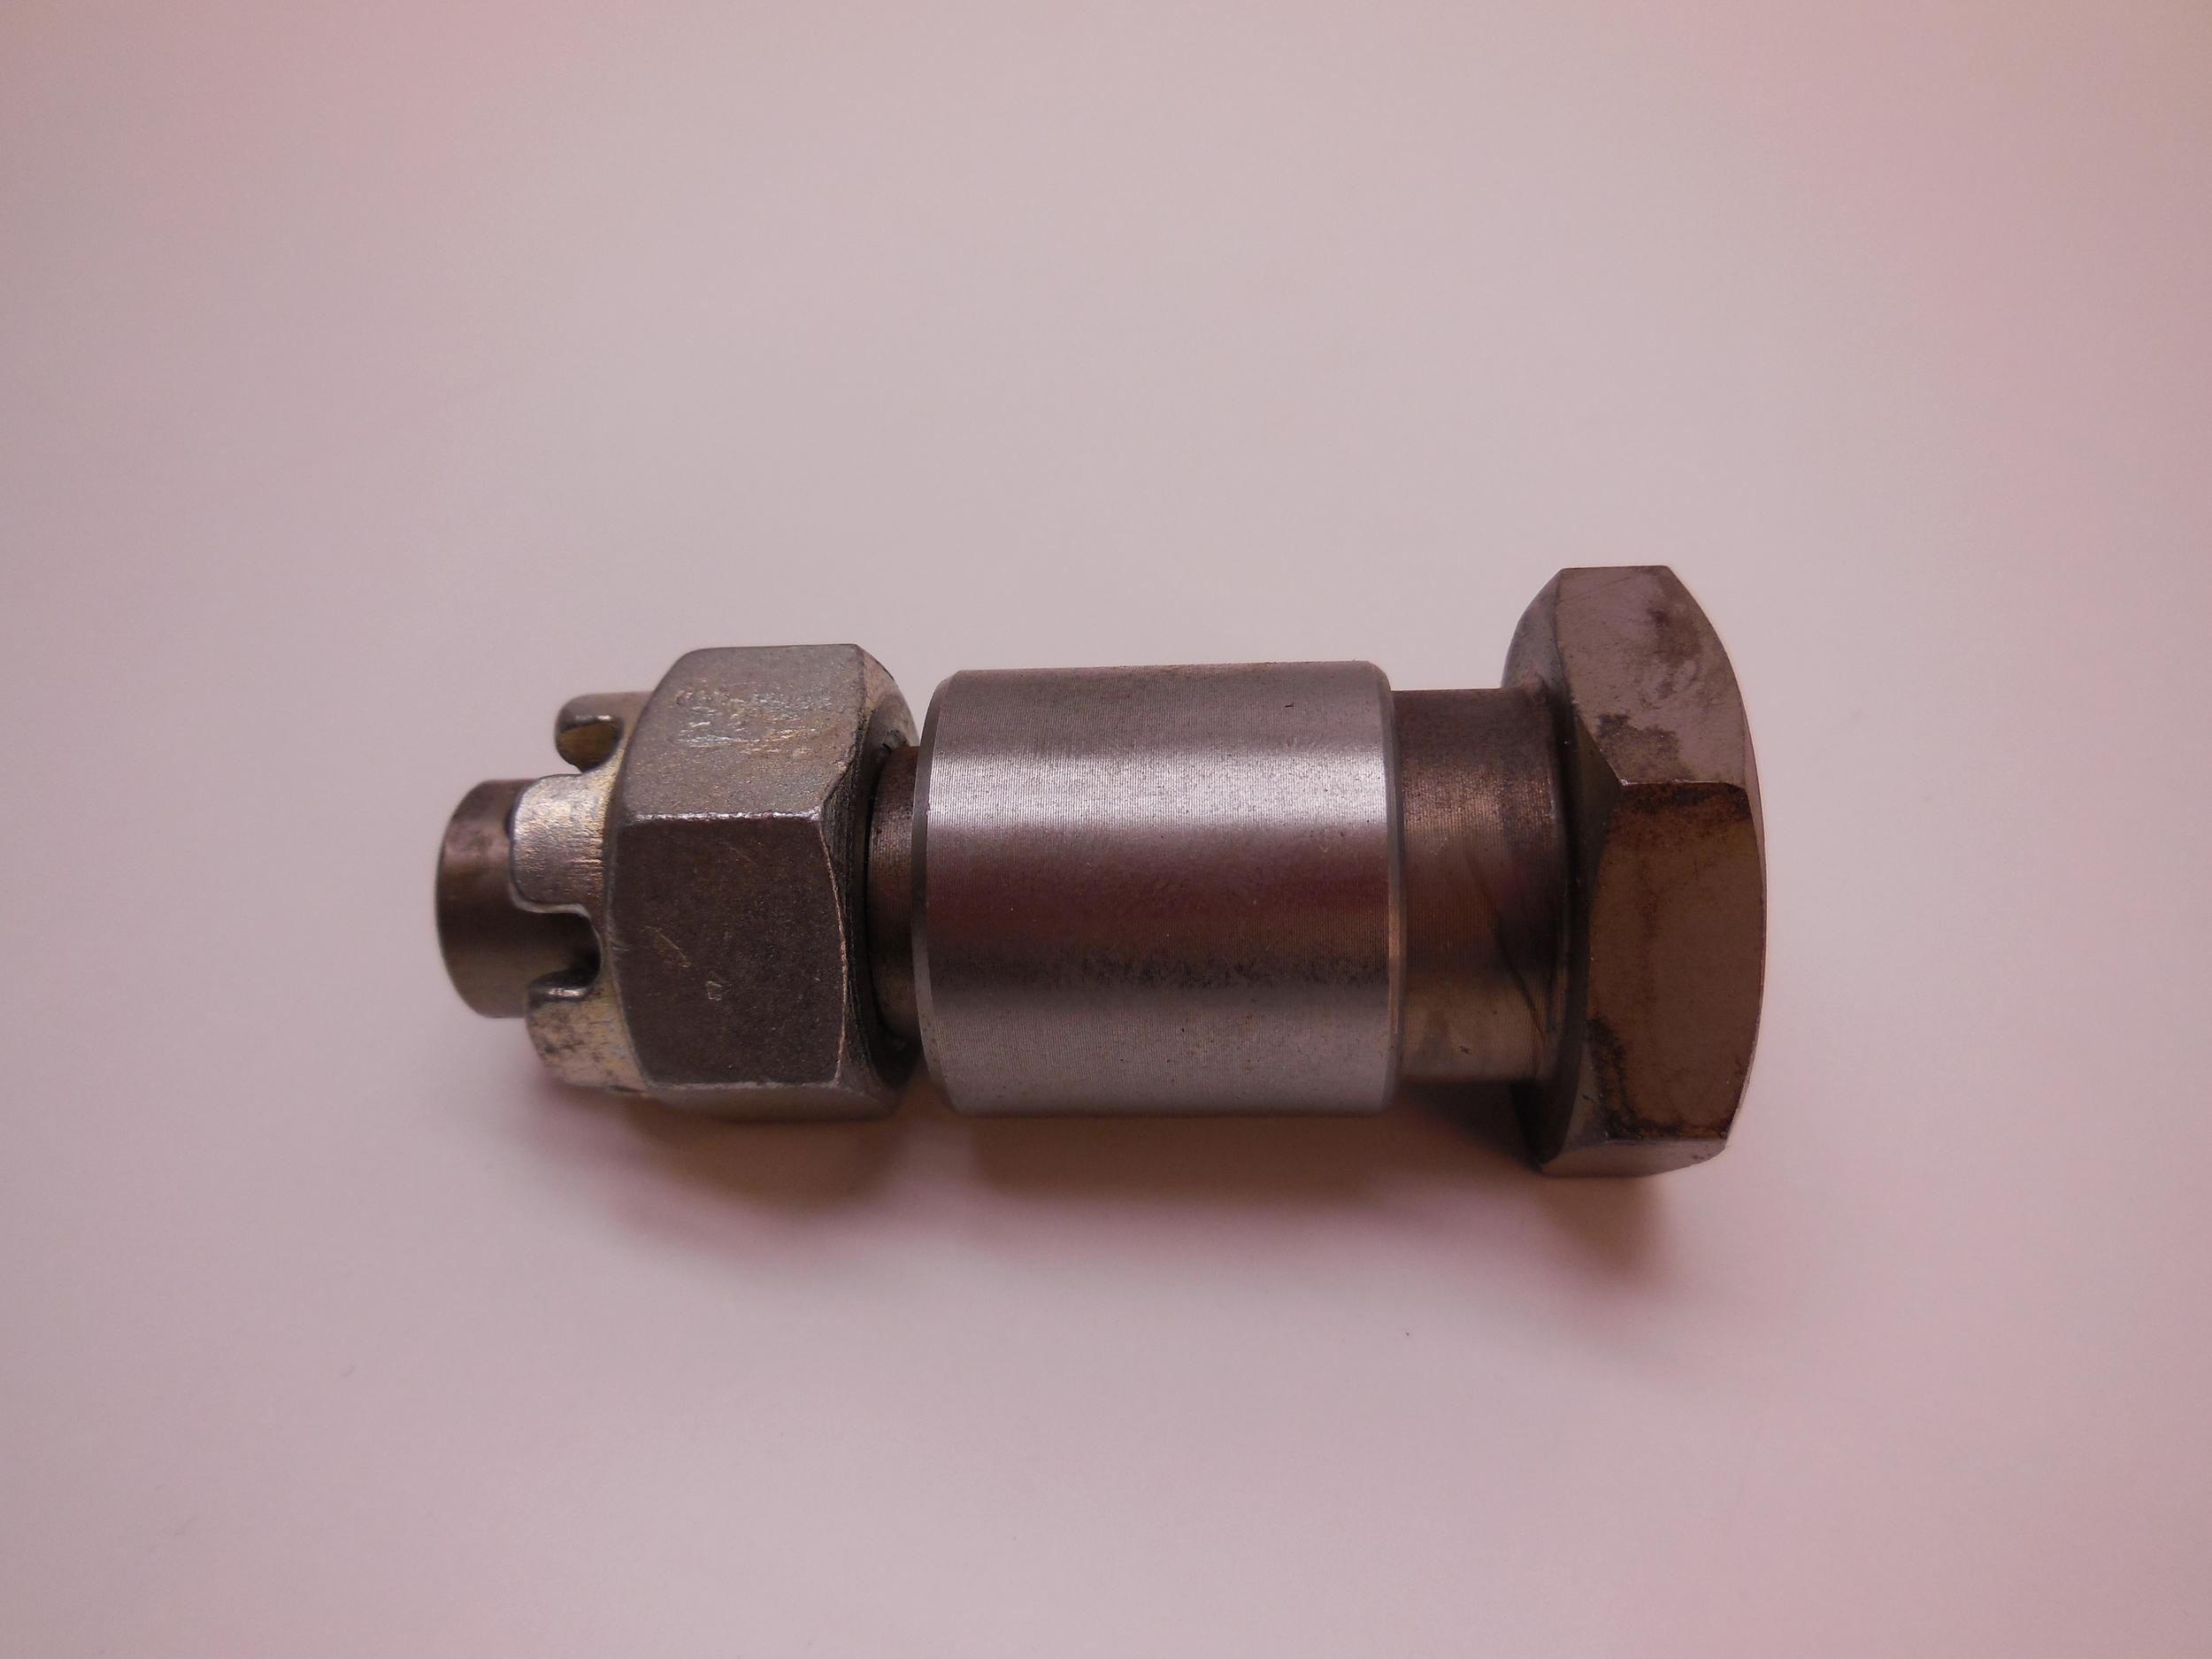 Tension Unit Repair Kit price: 630 sek